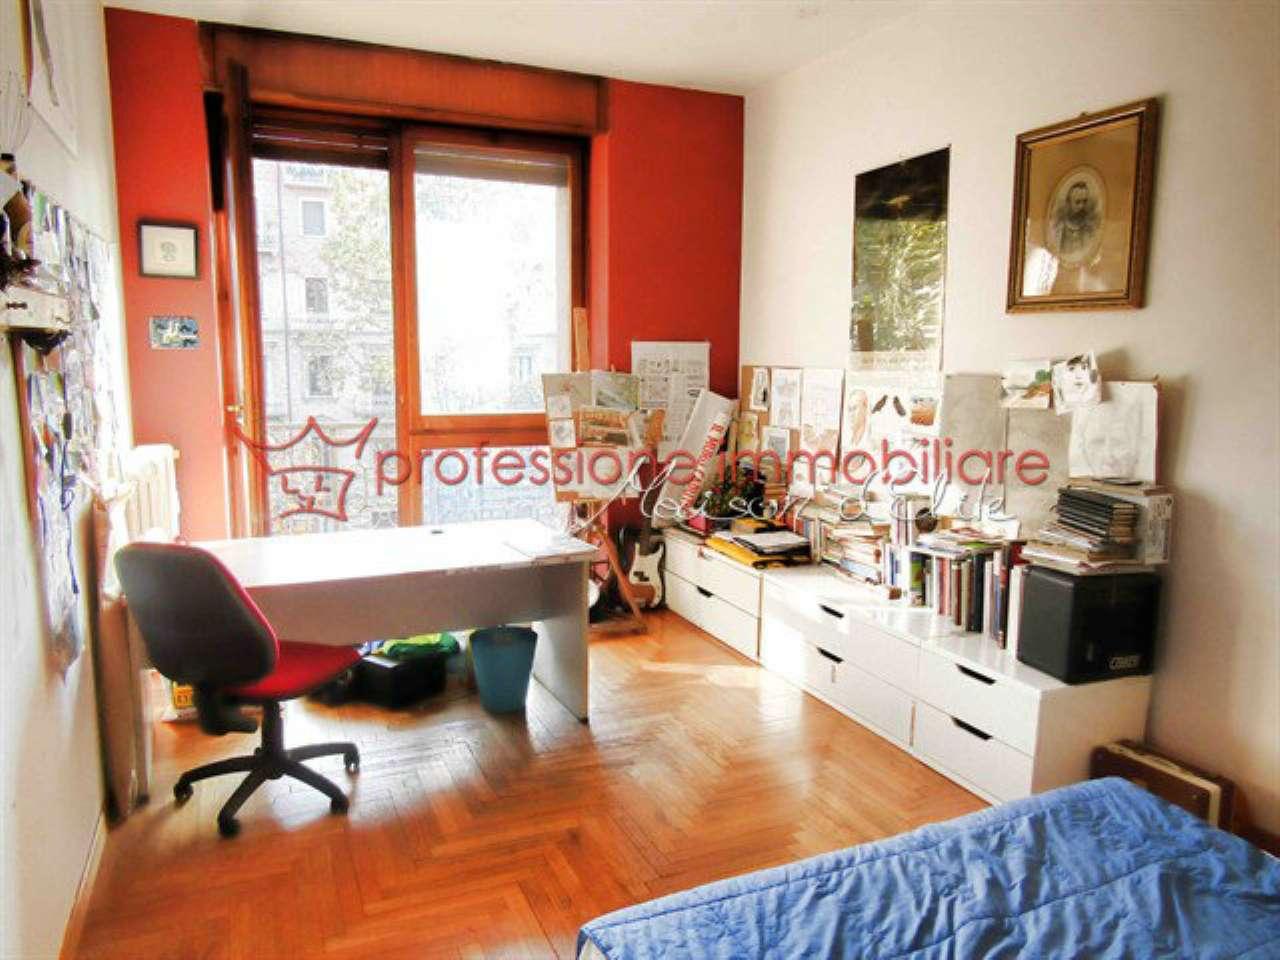 Foto 18 di Appartamento corso Francia, Torino (zona Cit Turin, San Donato, Campidoglio)